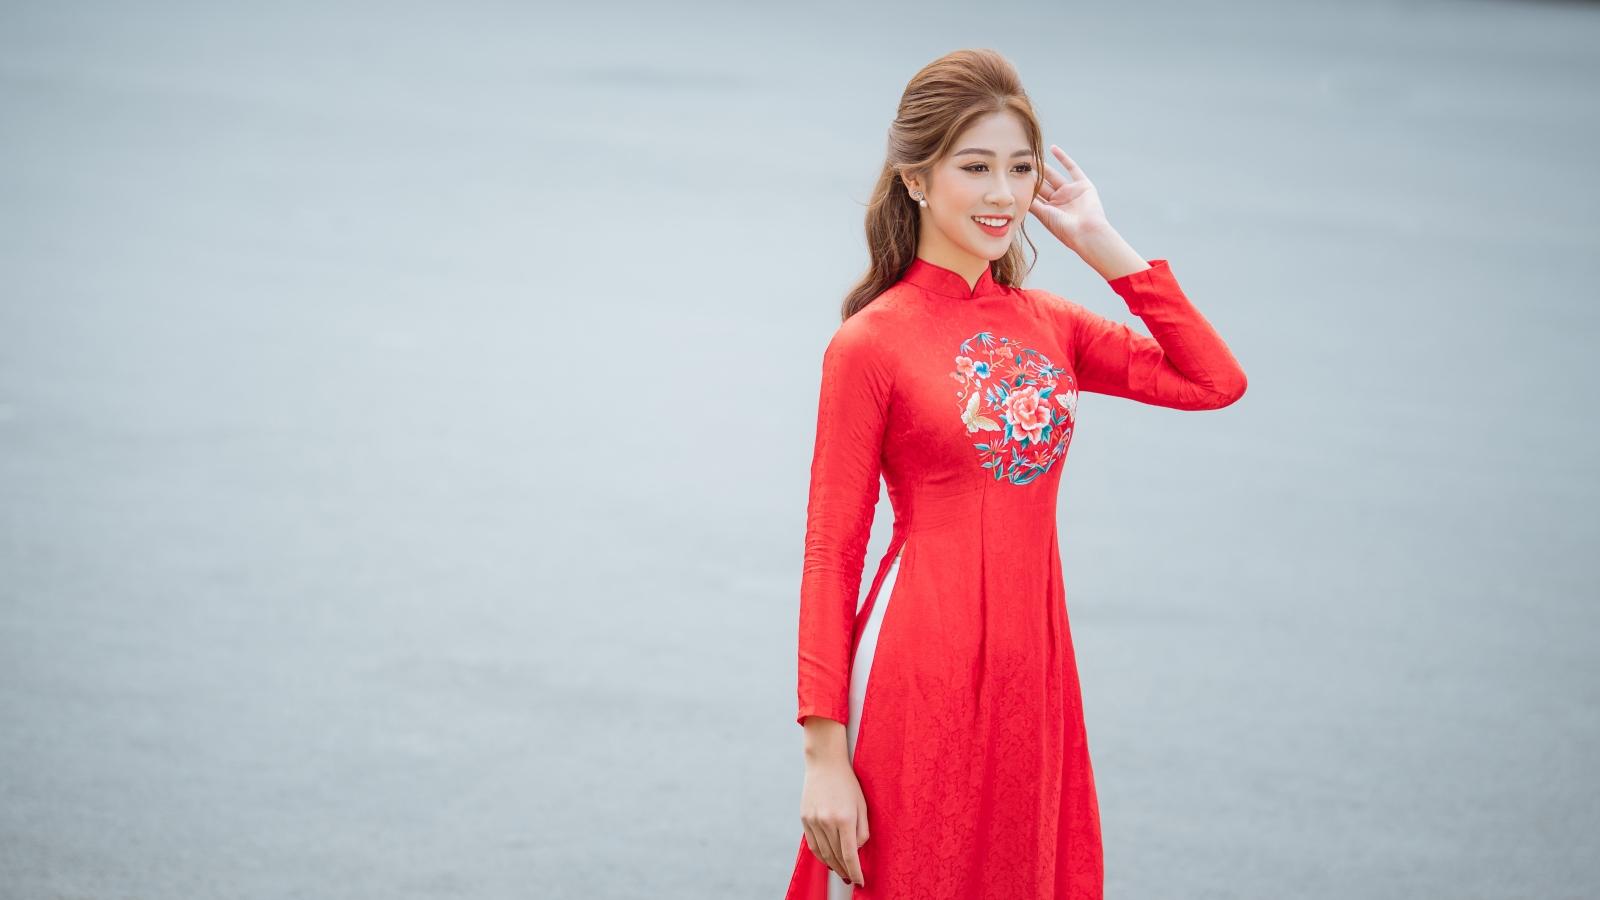 Người đẹp Đặng Vân Ly: Tôi không thi hoa hậu để kiếm chồng đại gia